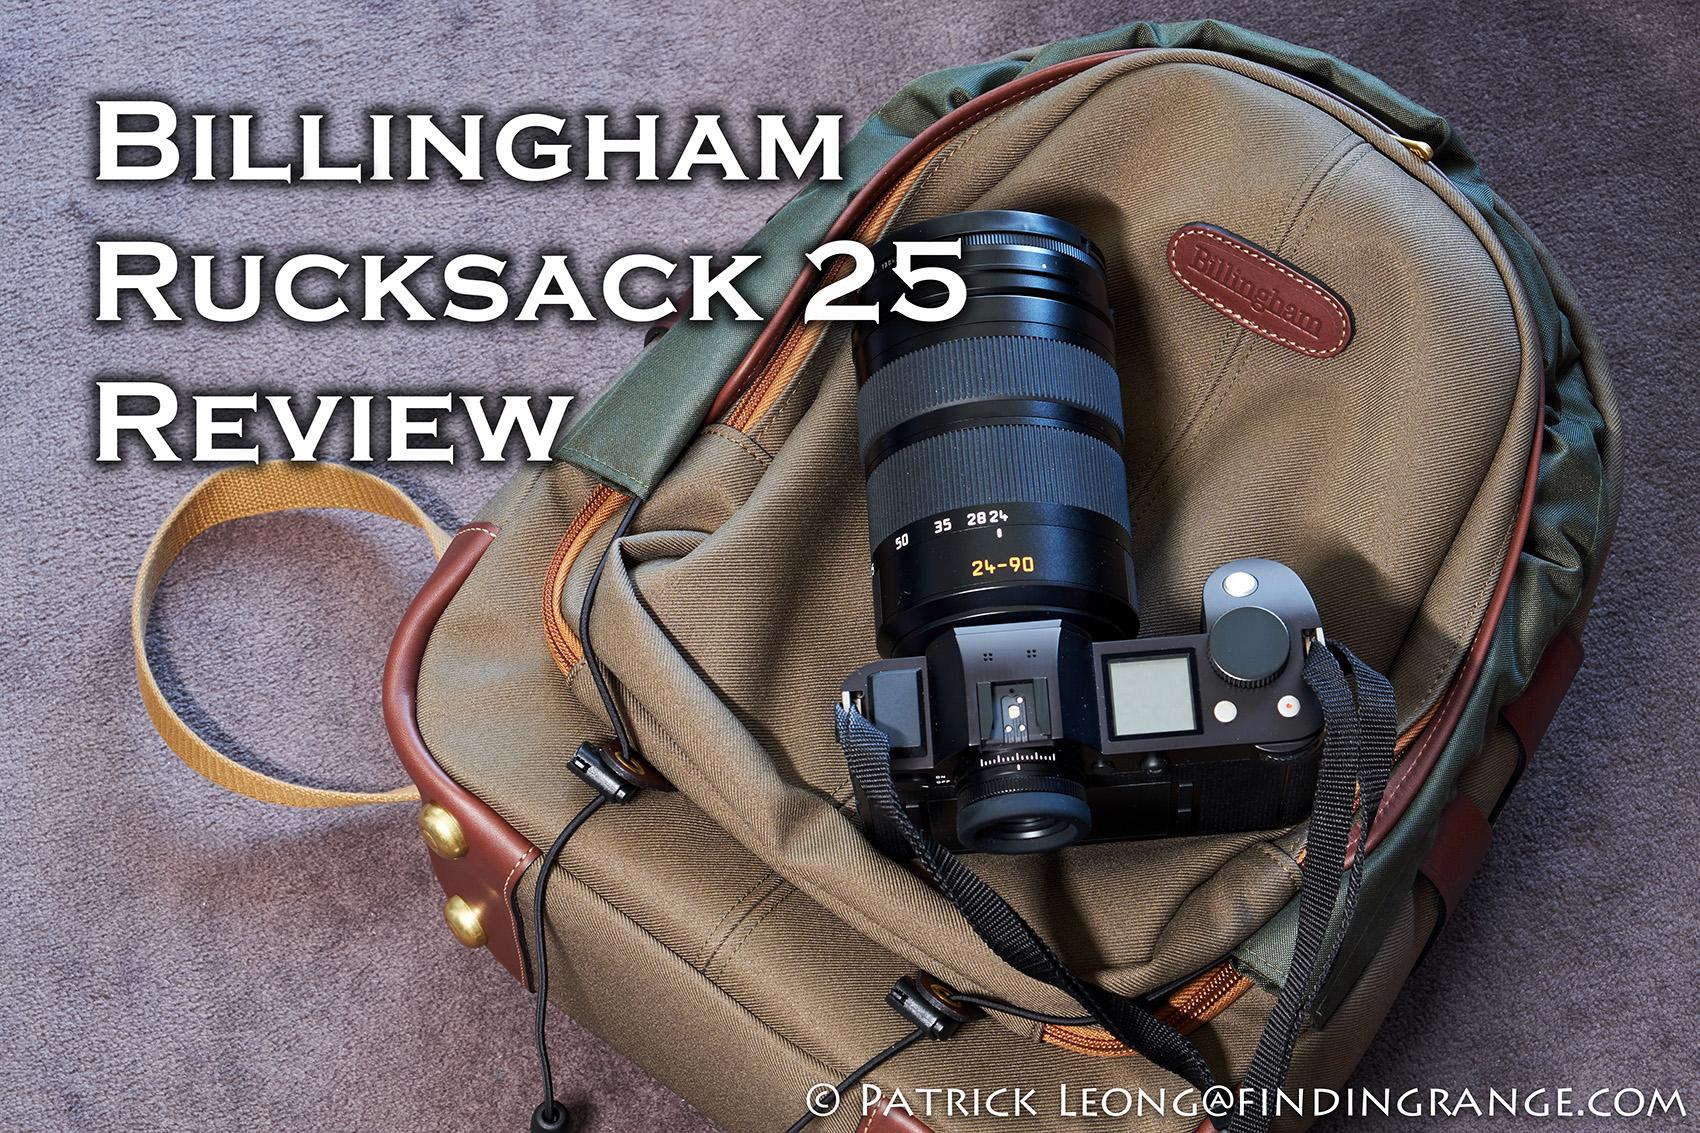 Billingham Rucksack 25 Review